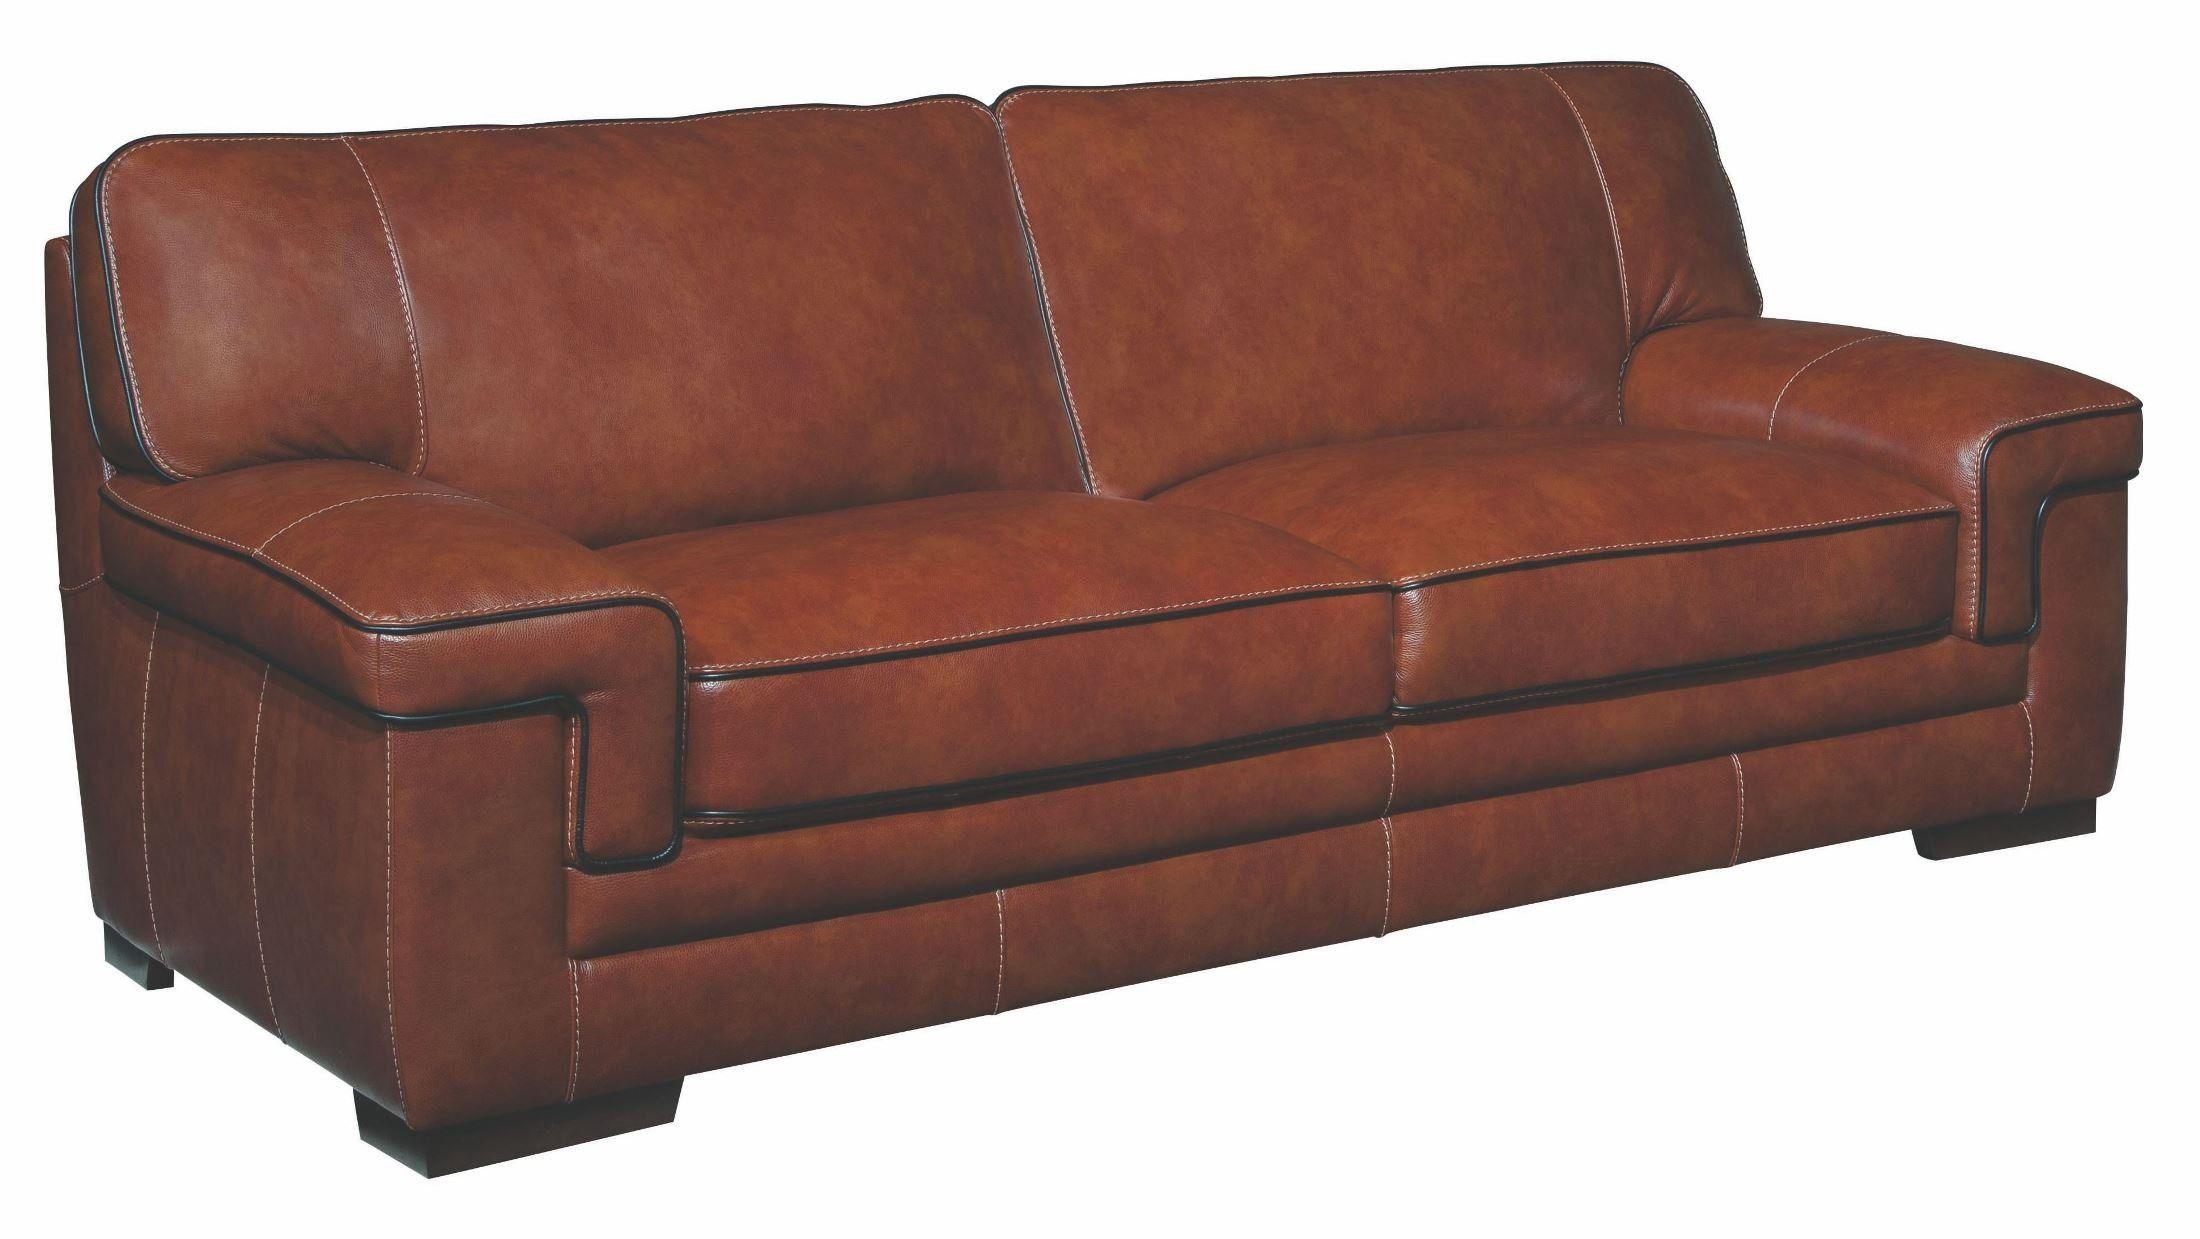 chestnut colored leather sofa art deco bed simon li furniture macco in brown